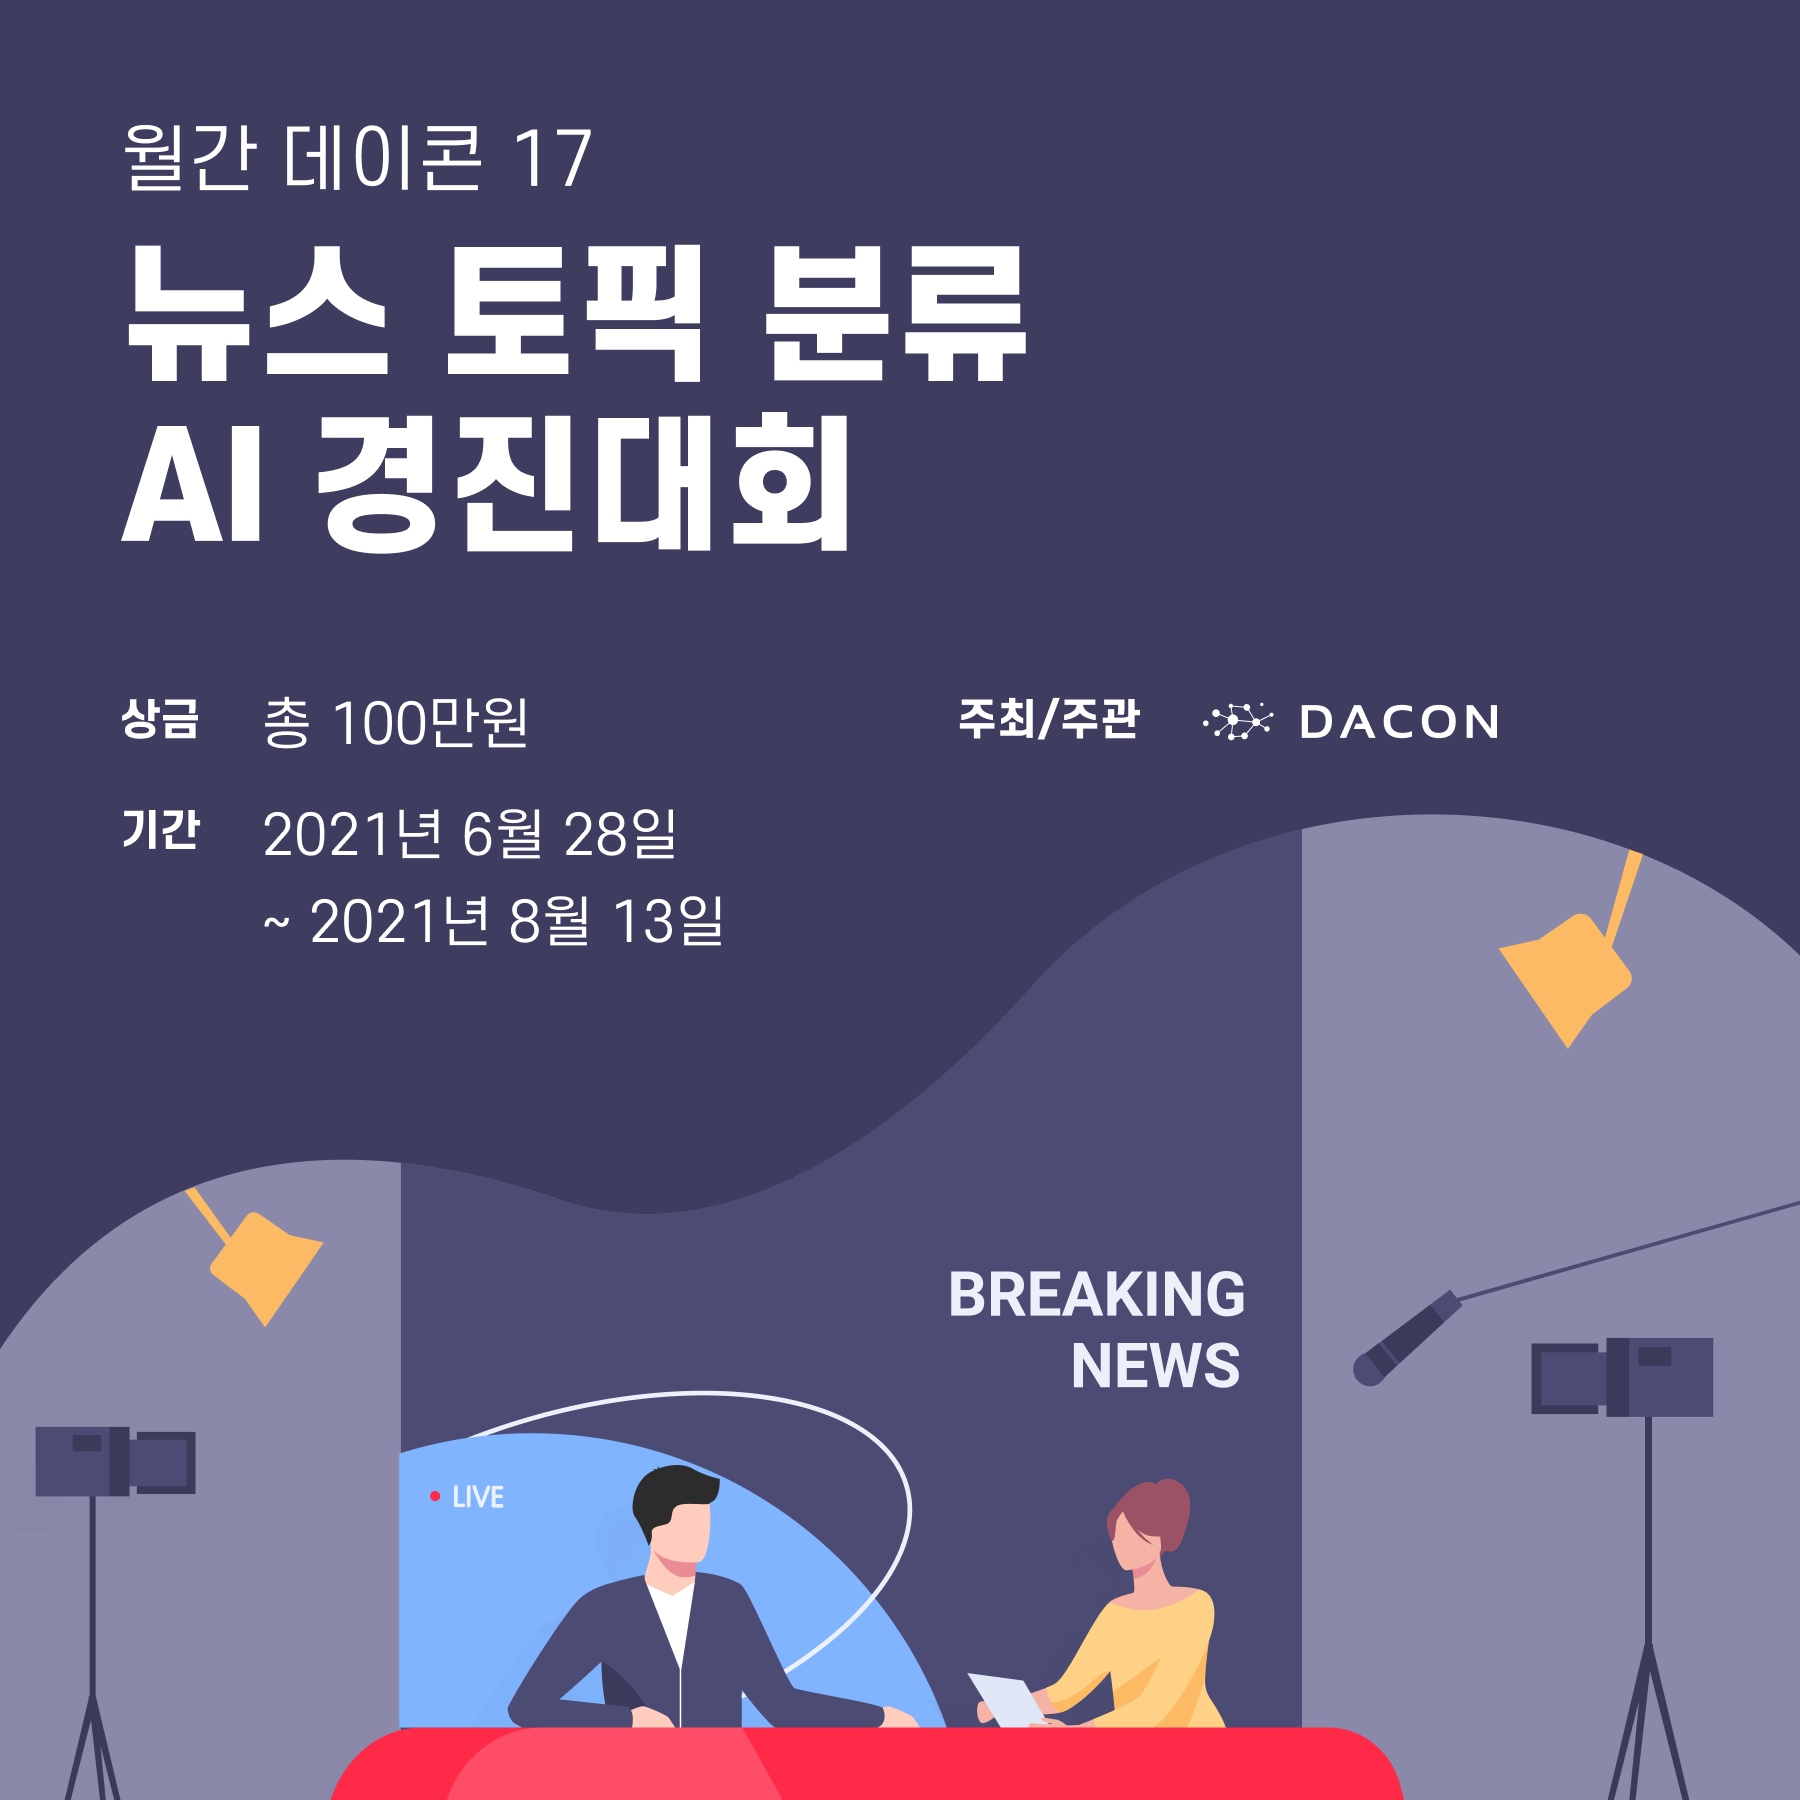 [데이콘] 2021 인하 인공지능 챌린지